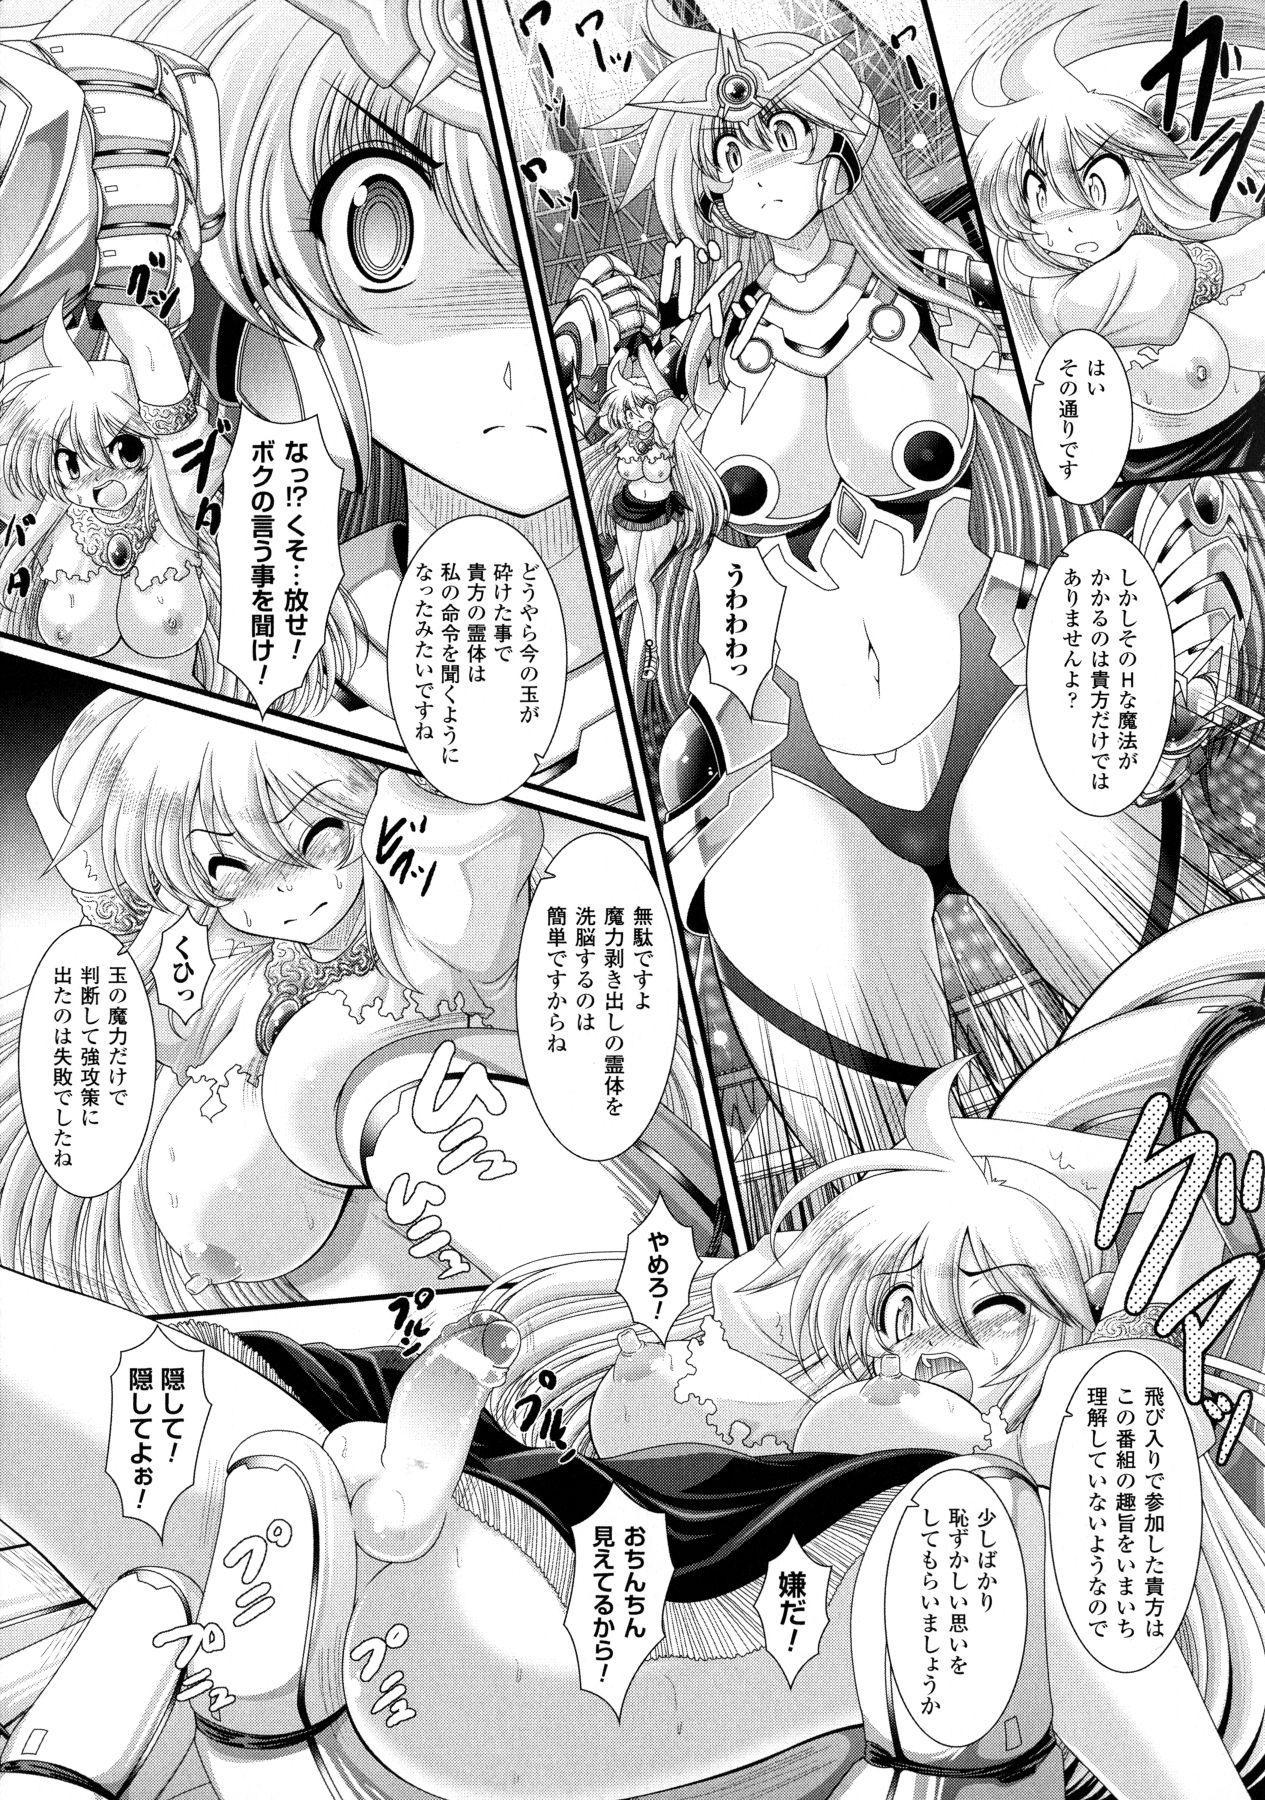 Akuma no Shitsumon 158